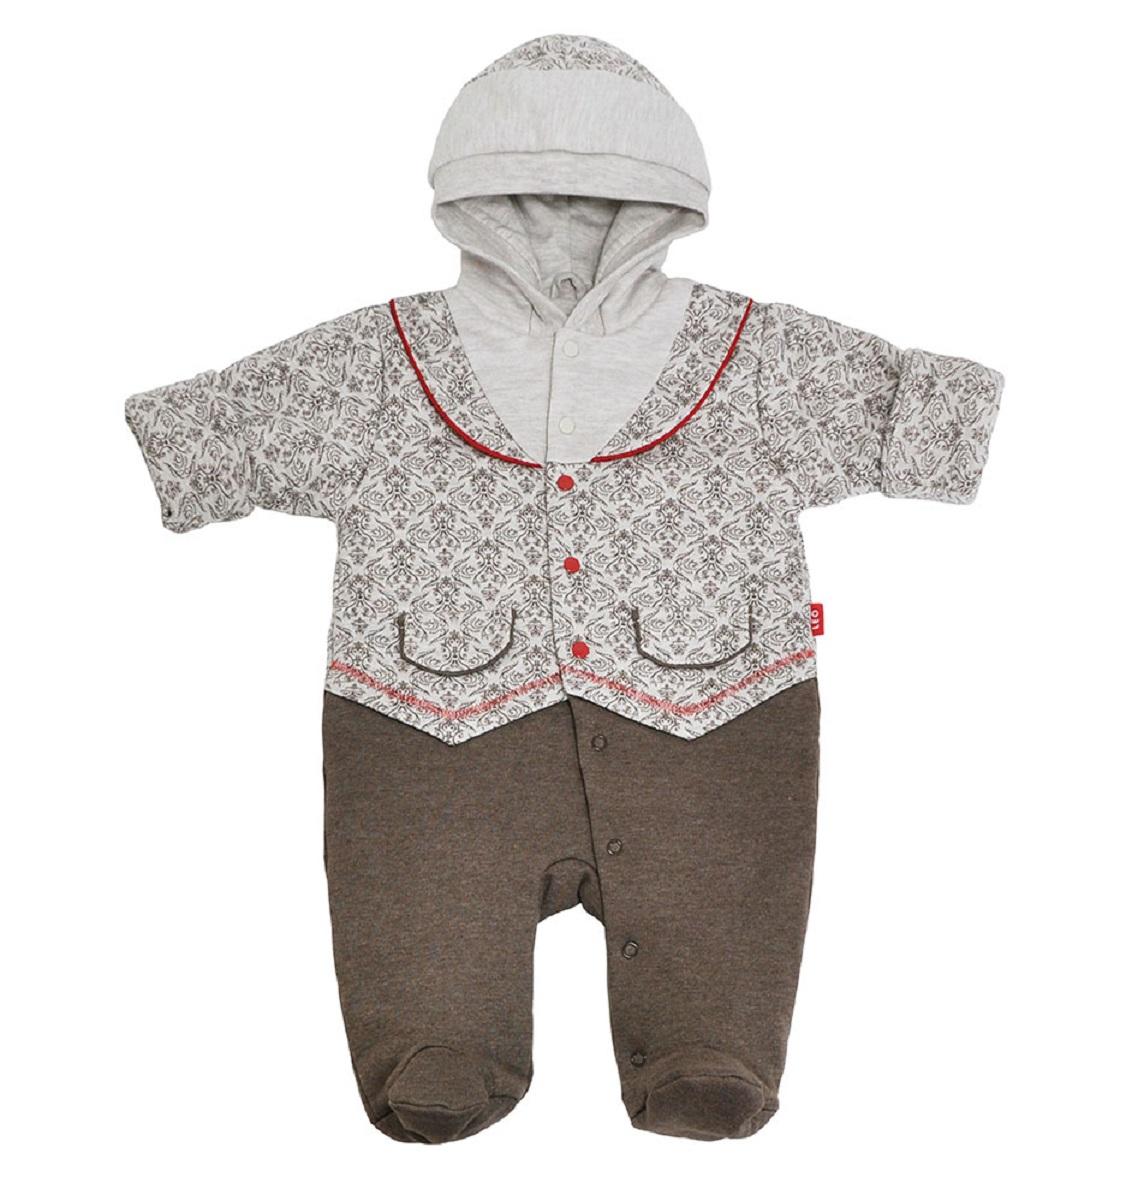 Купить Комбинезон Leo Узоры для мальчика на синтепоне с капюшоном, Наша Мама, Россия, Мульти, 62